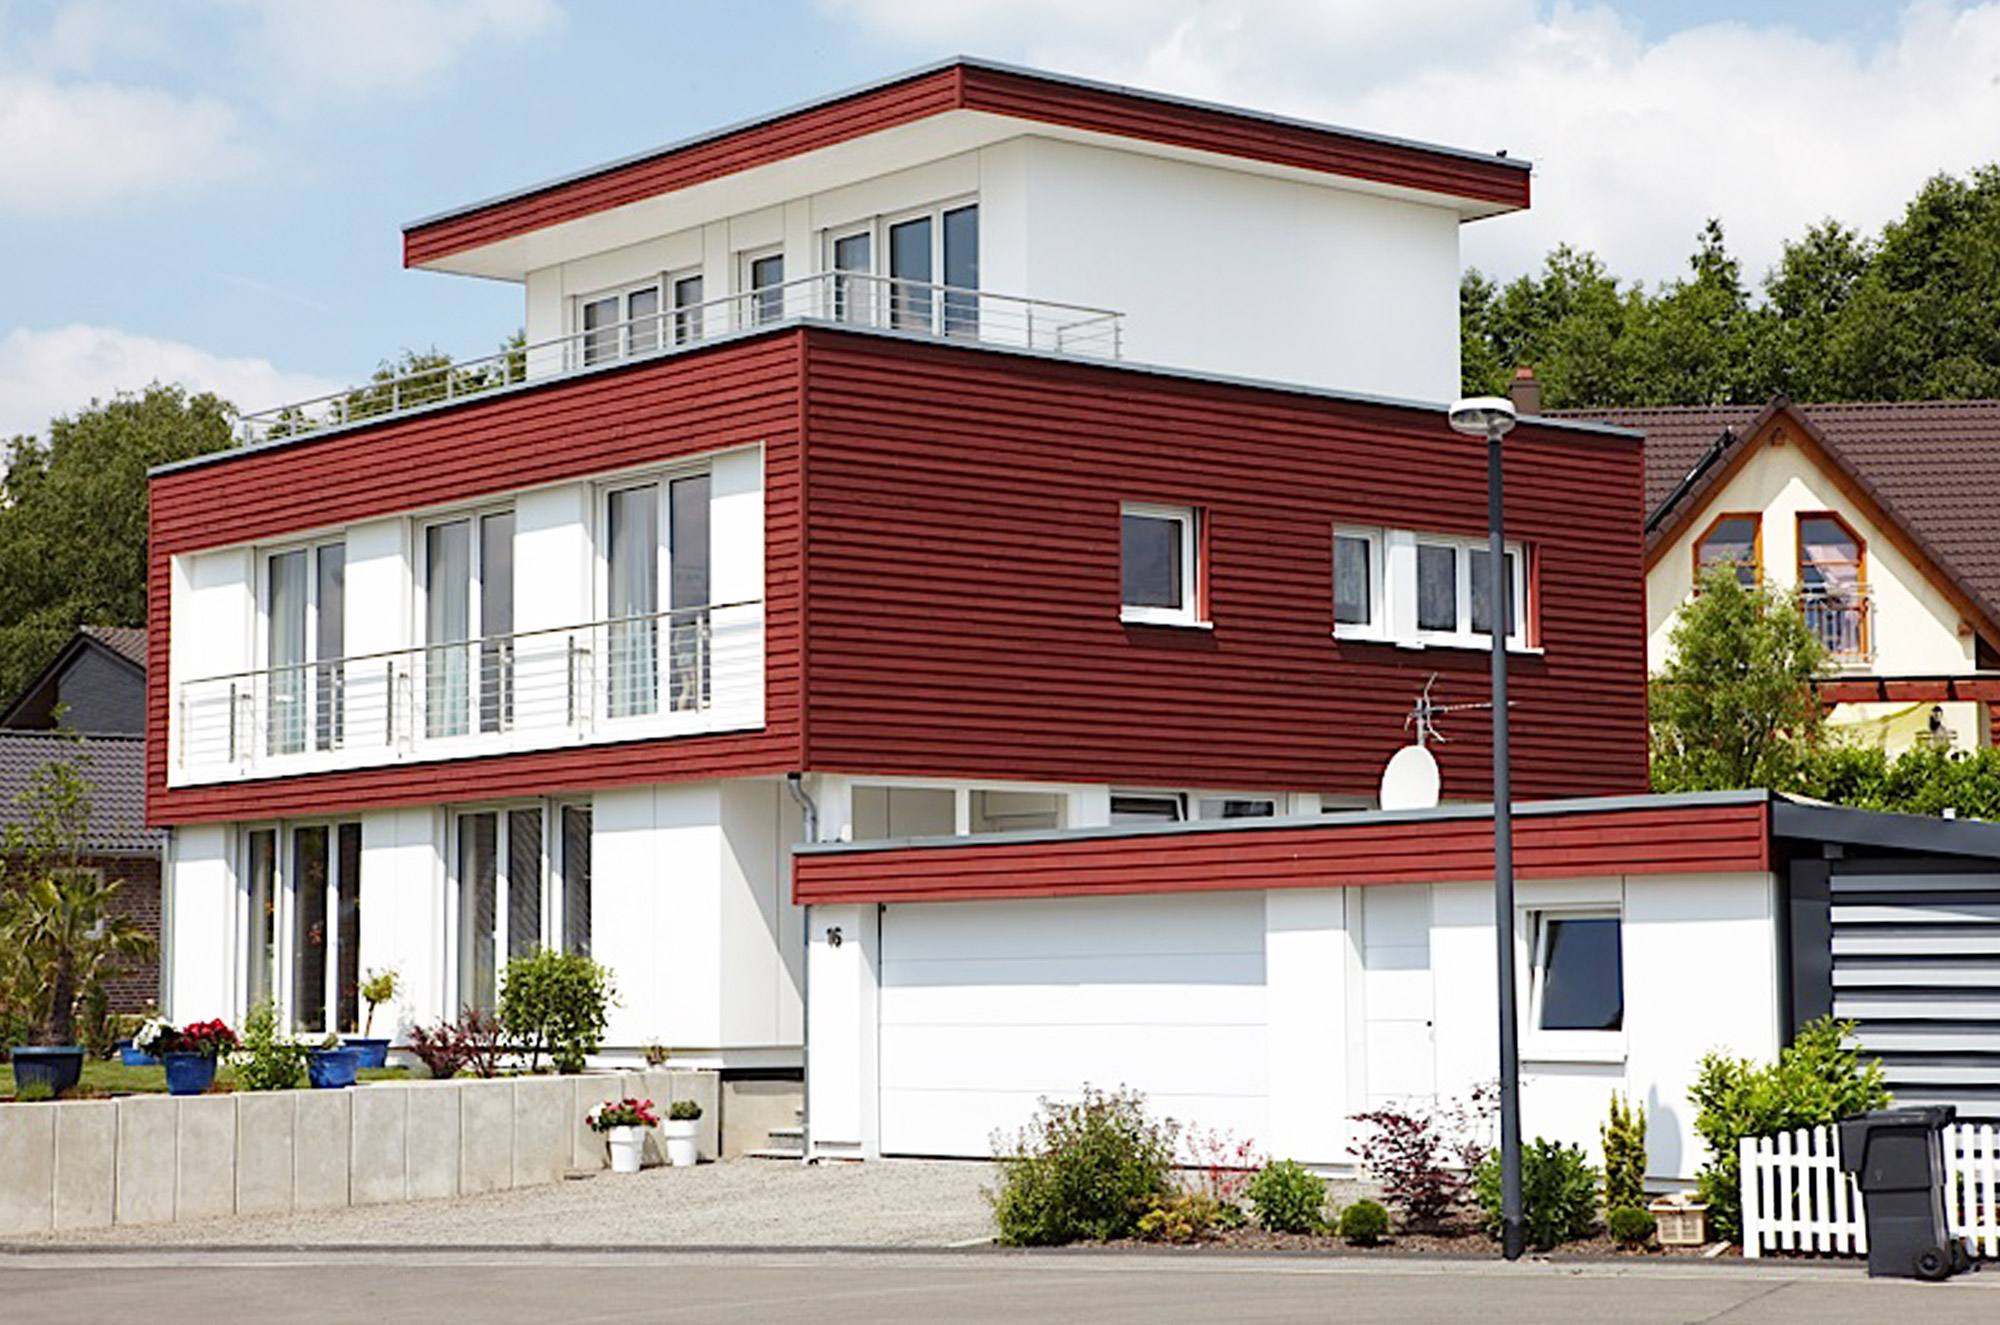 Hausbau-Bauhaus Radevormwald